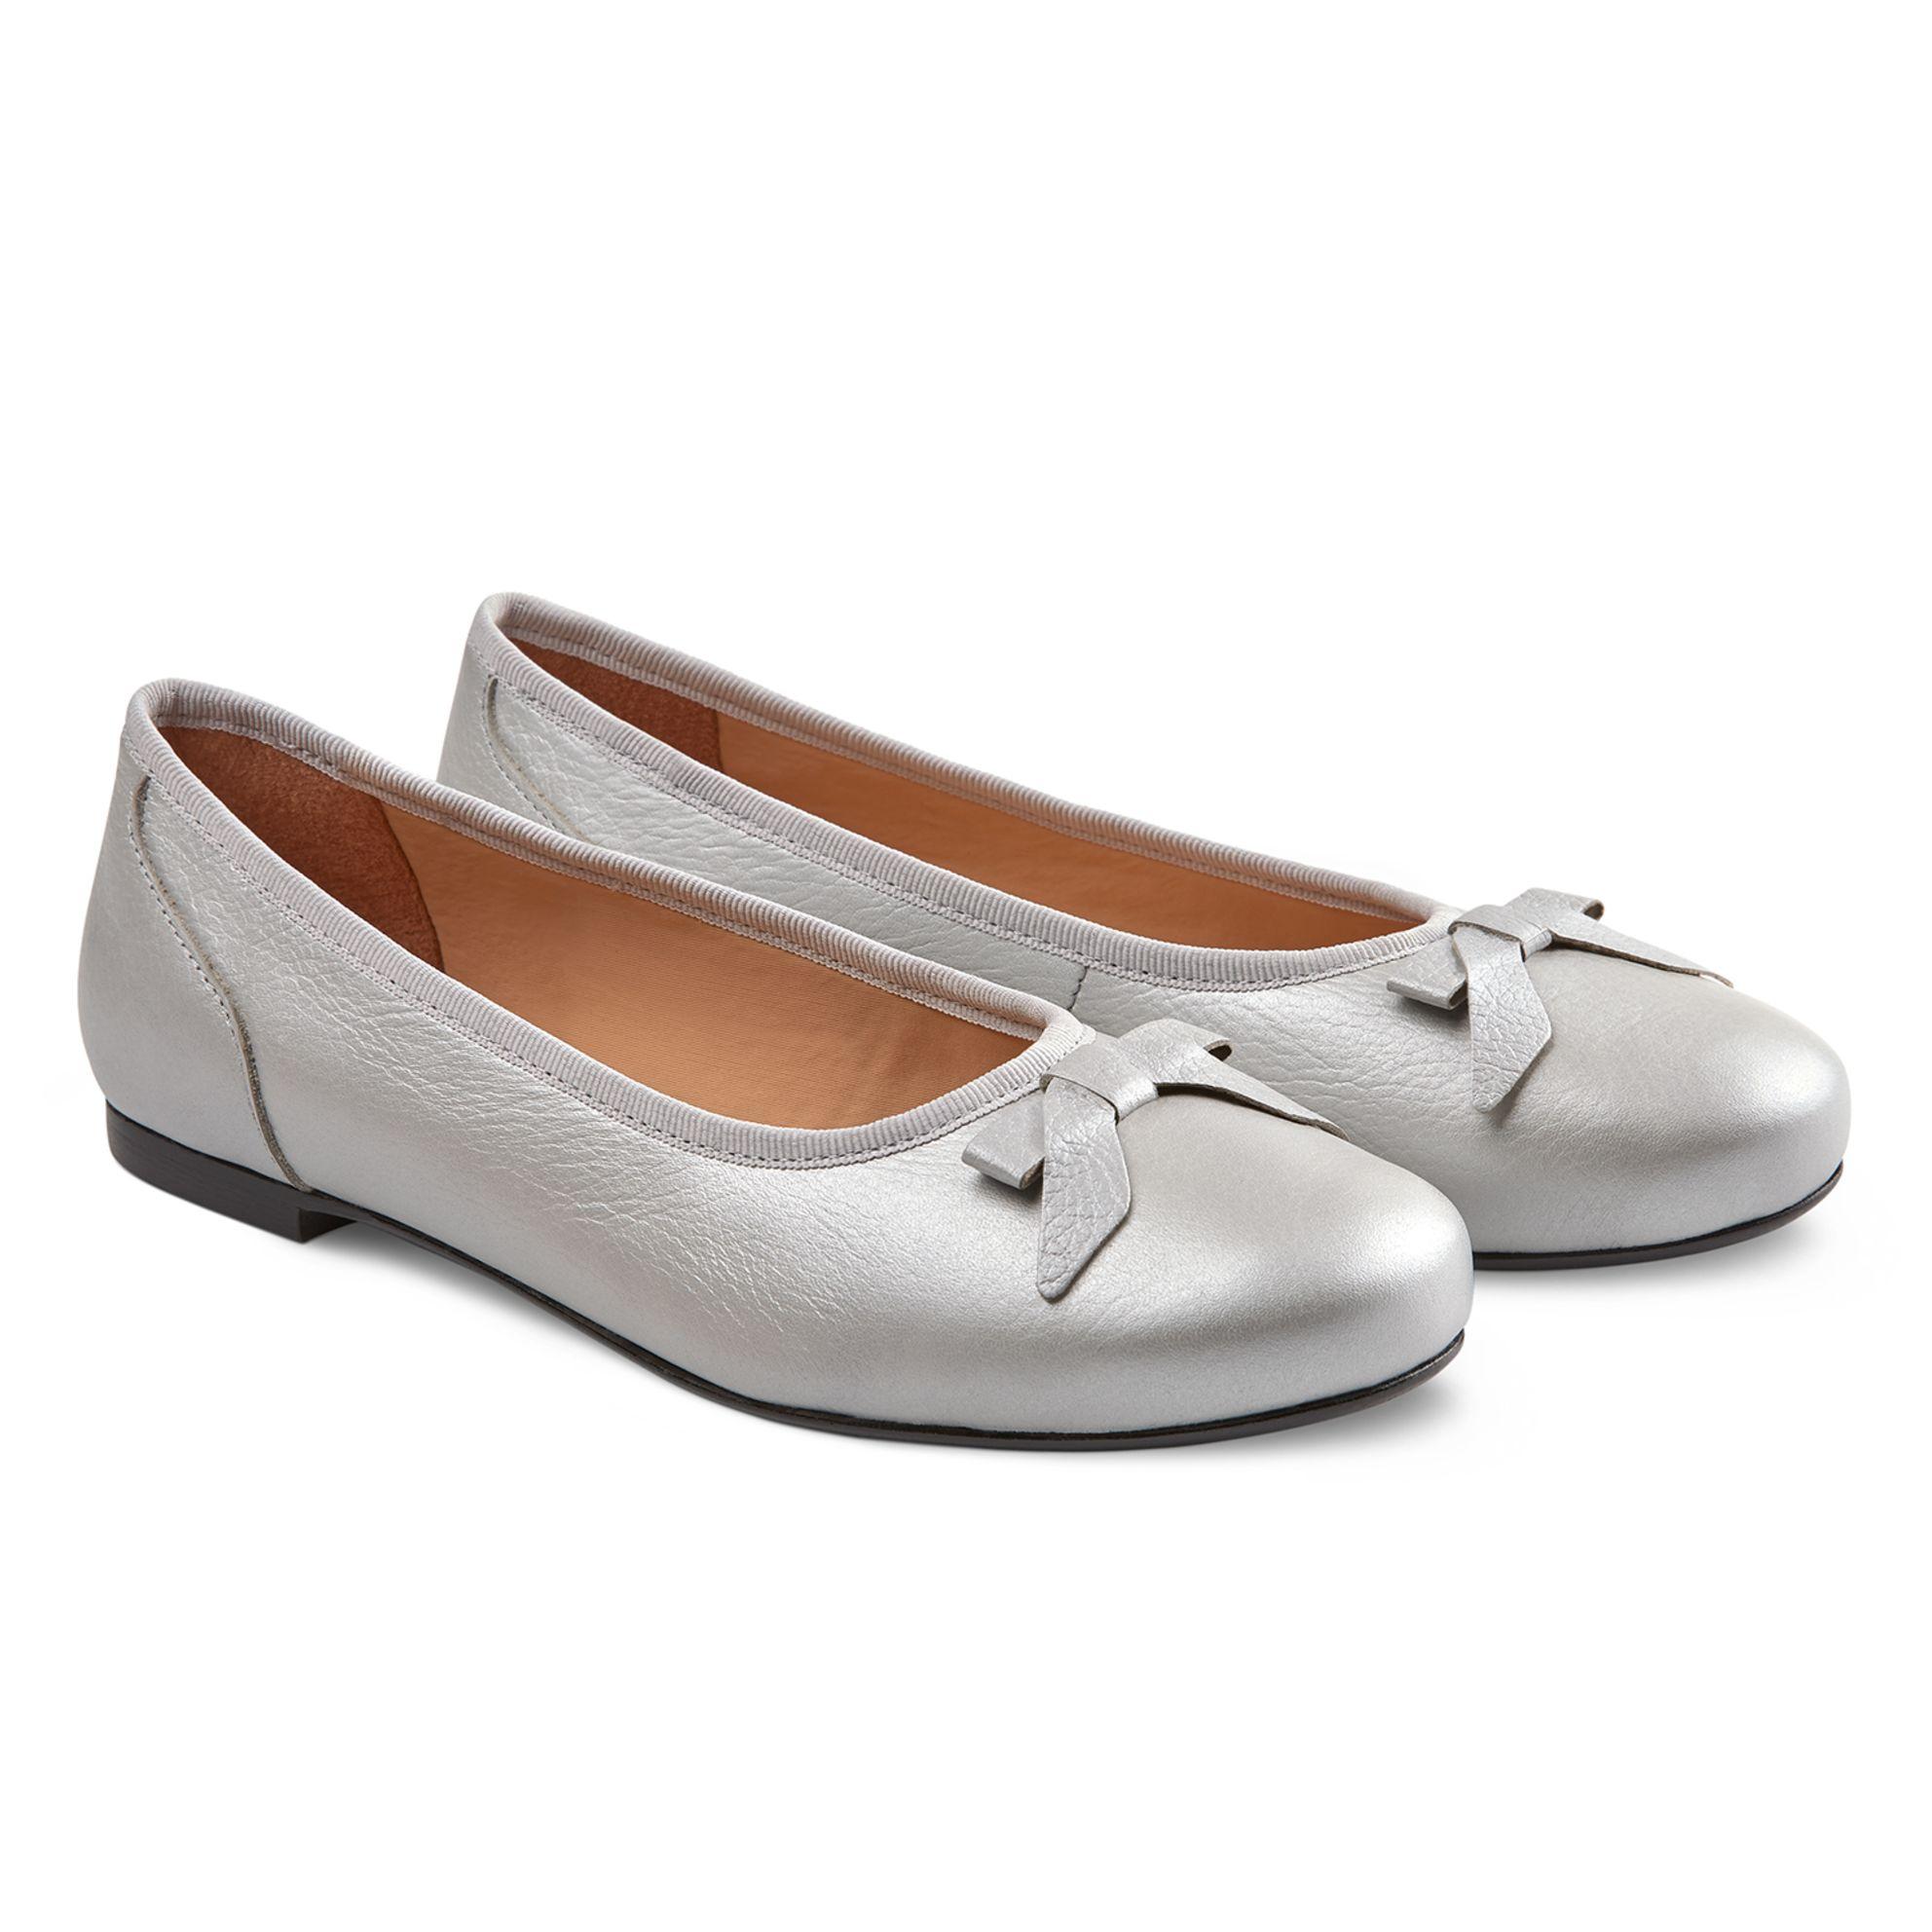 Ballerina mit Schleife Silber – modischer und bequemer Schuh für Hallux valgus und empfindliche Füße von LaShoe.de